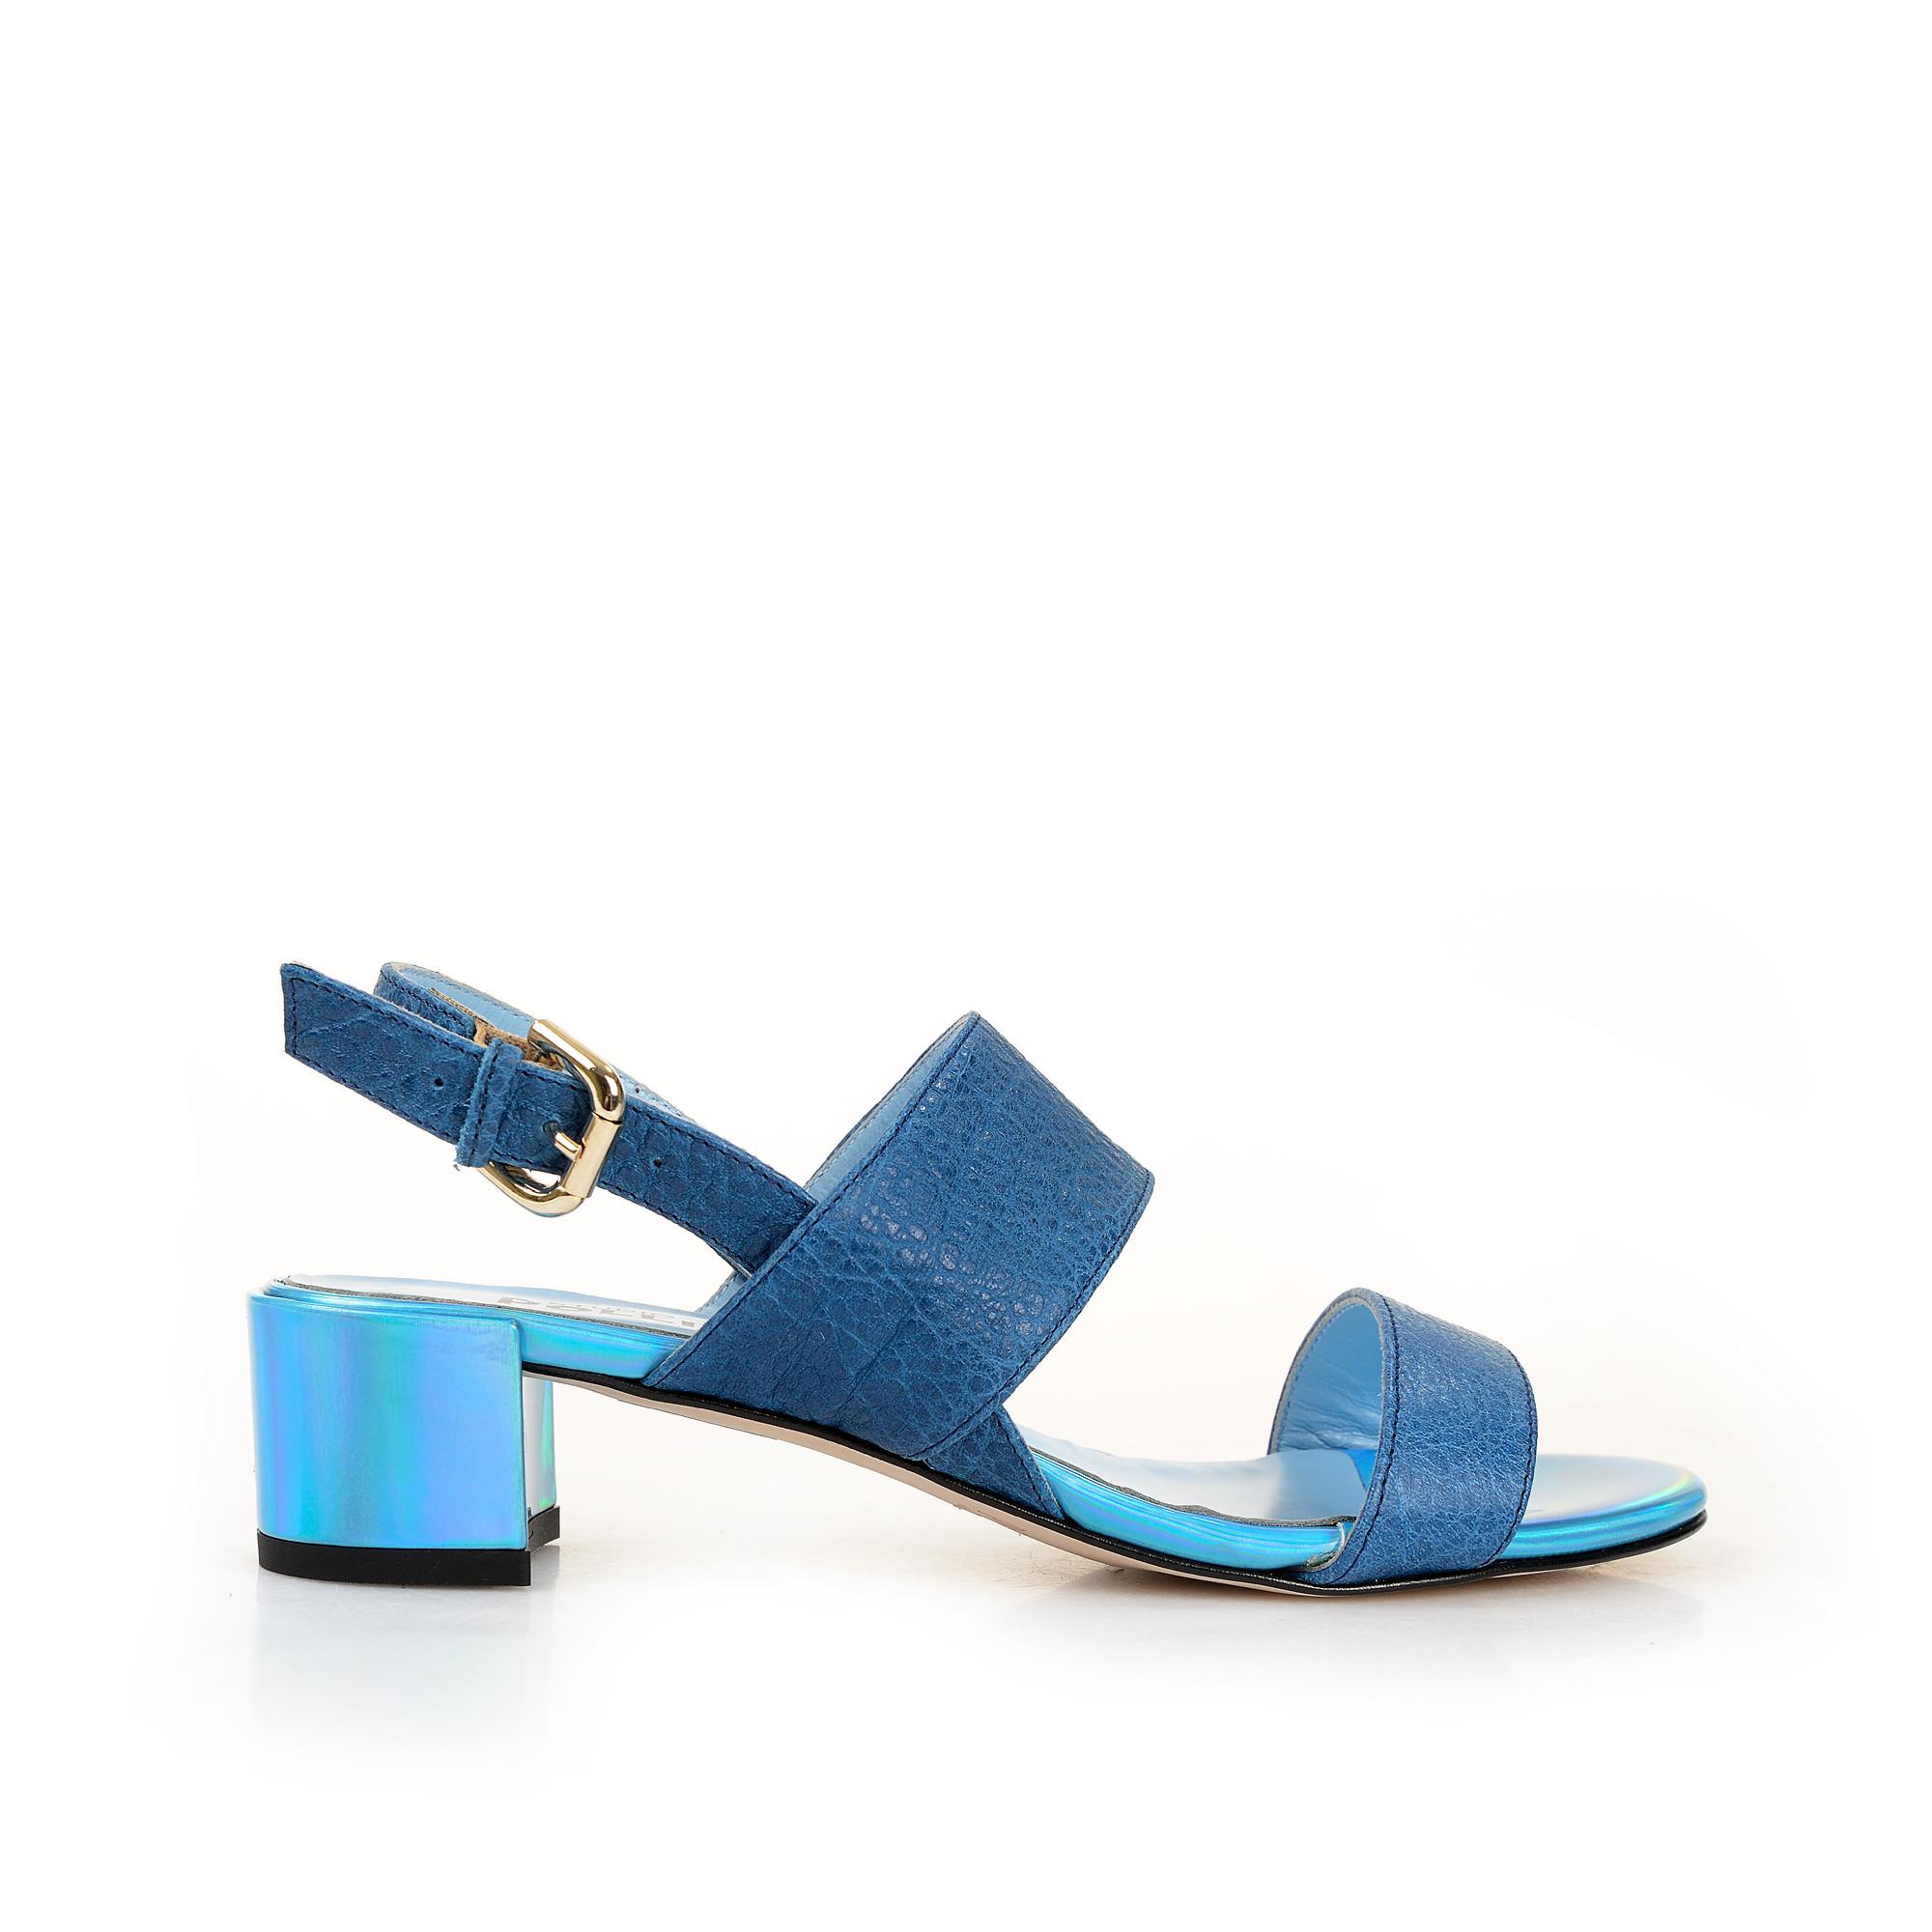 c615f6f14def94 Женские туфли калипсо каталог. Интернет-магазин качественной ...